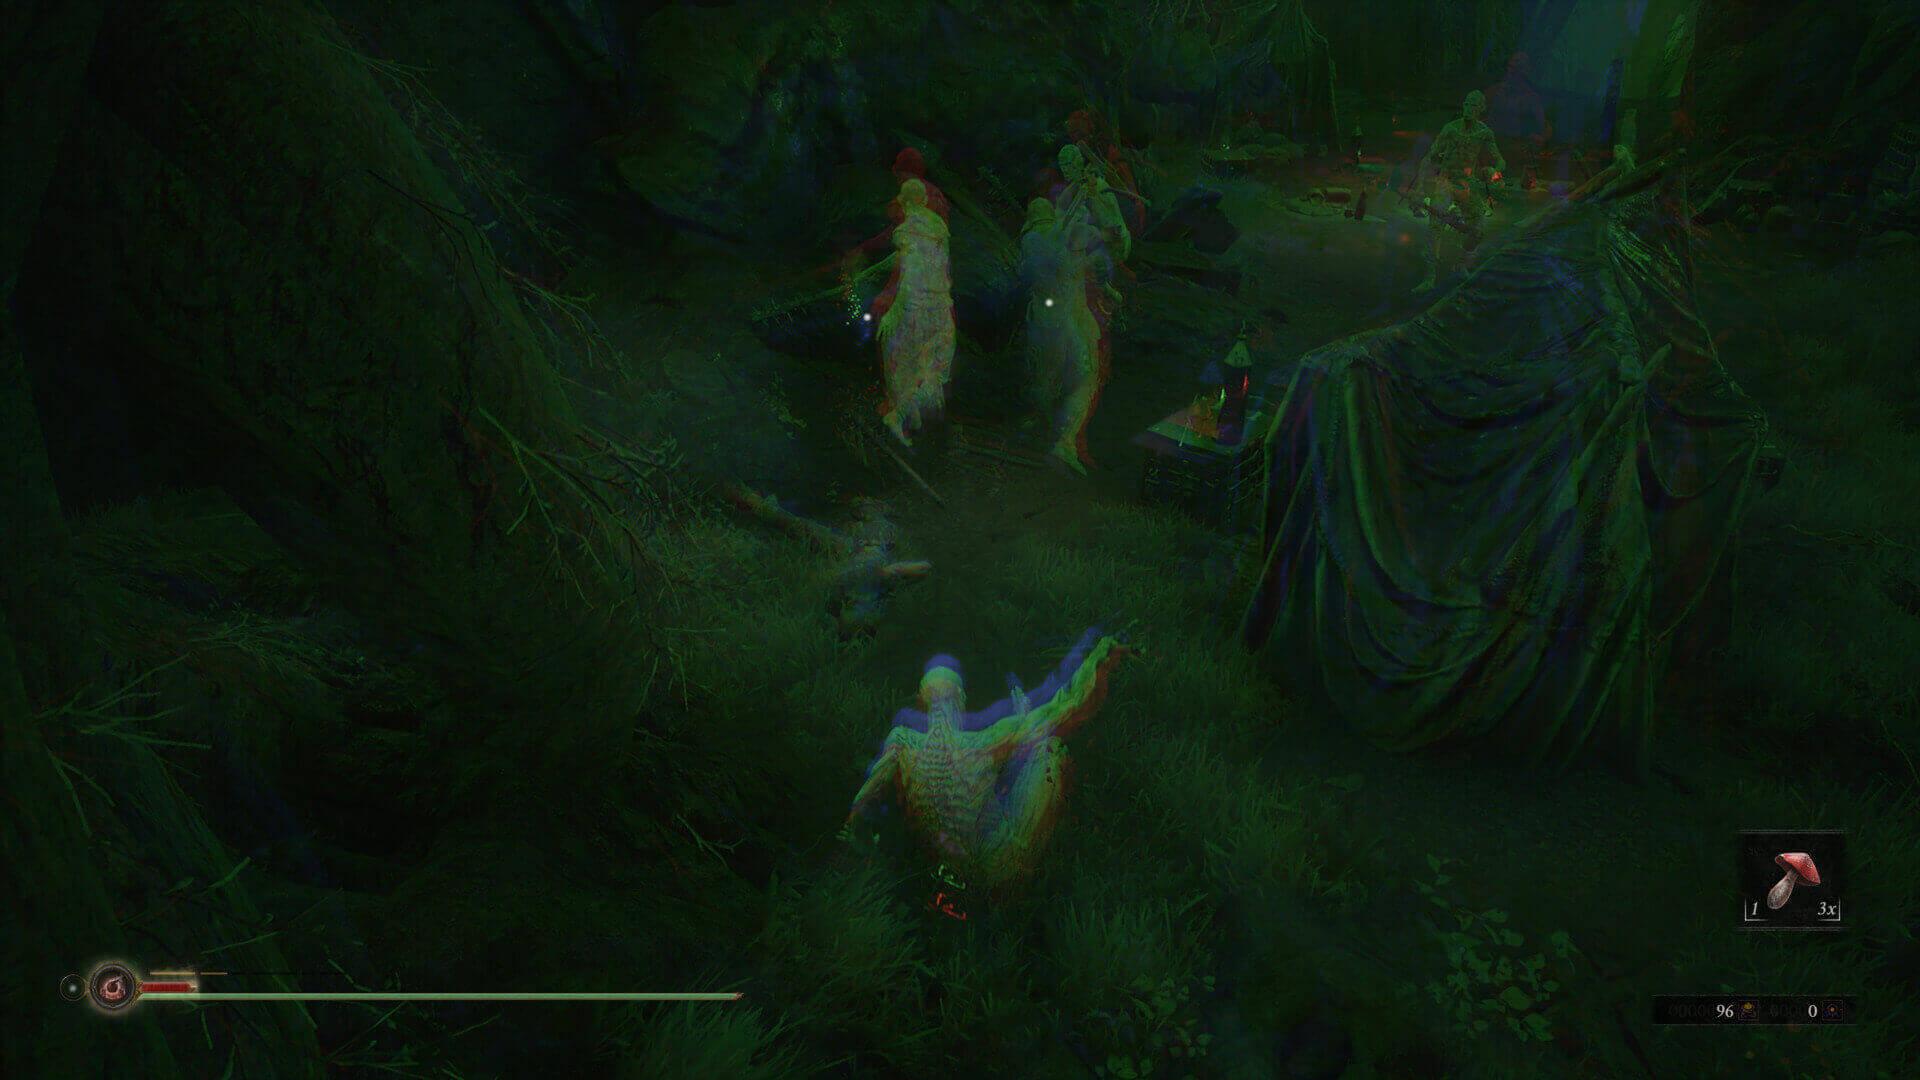 Mortal Shell, Impressões, Soulsborne, Souls like, Delfos